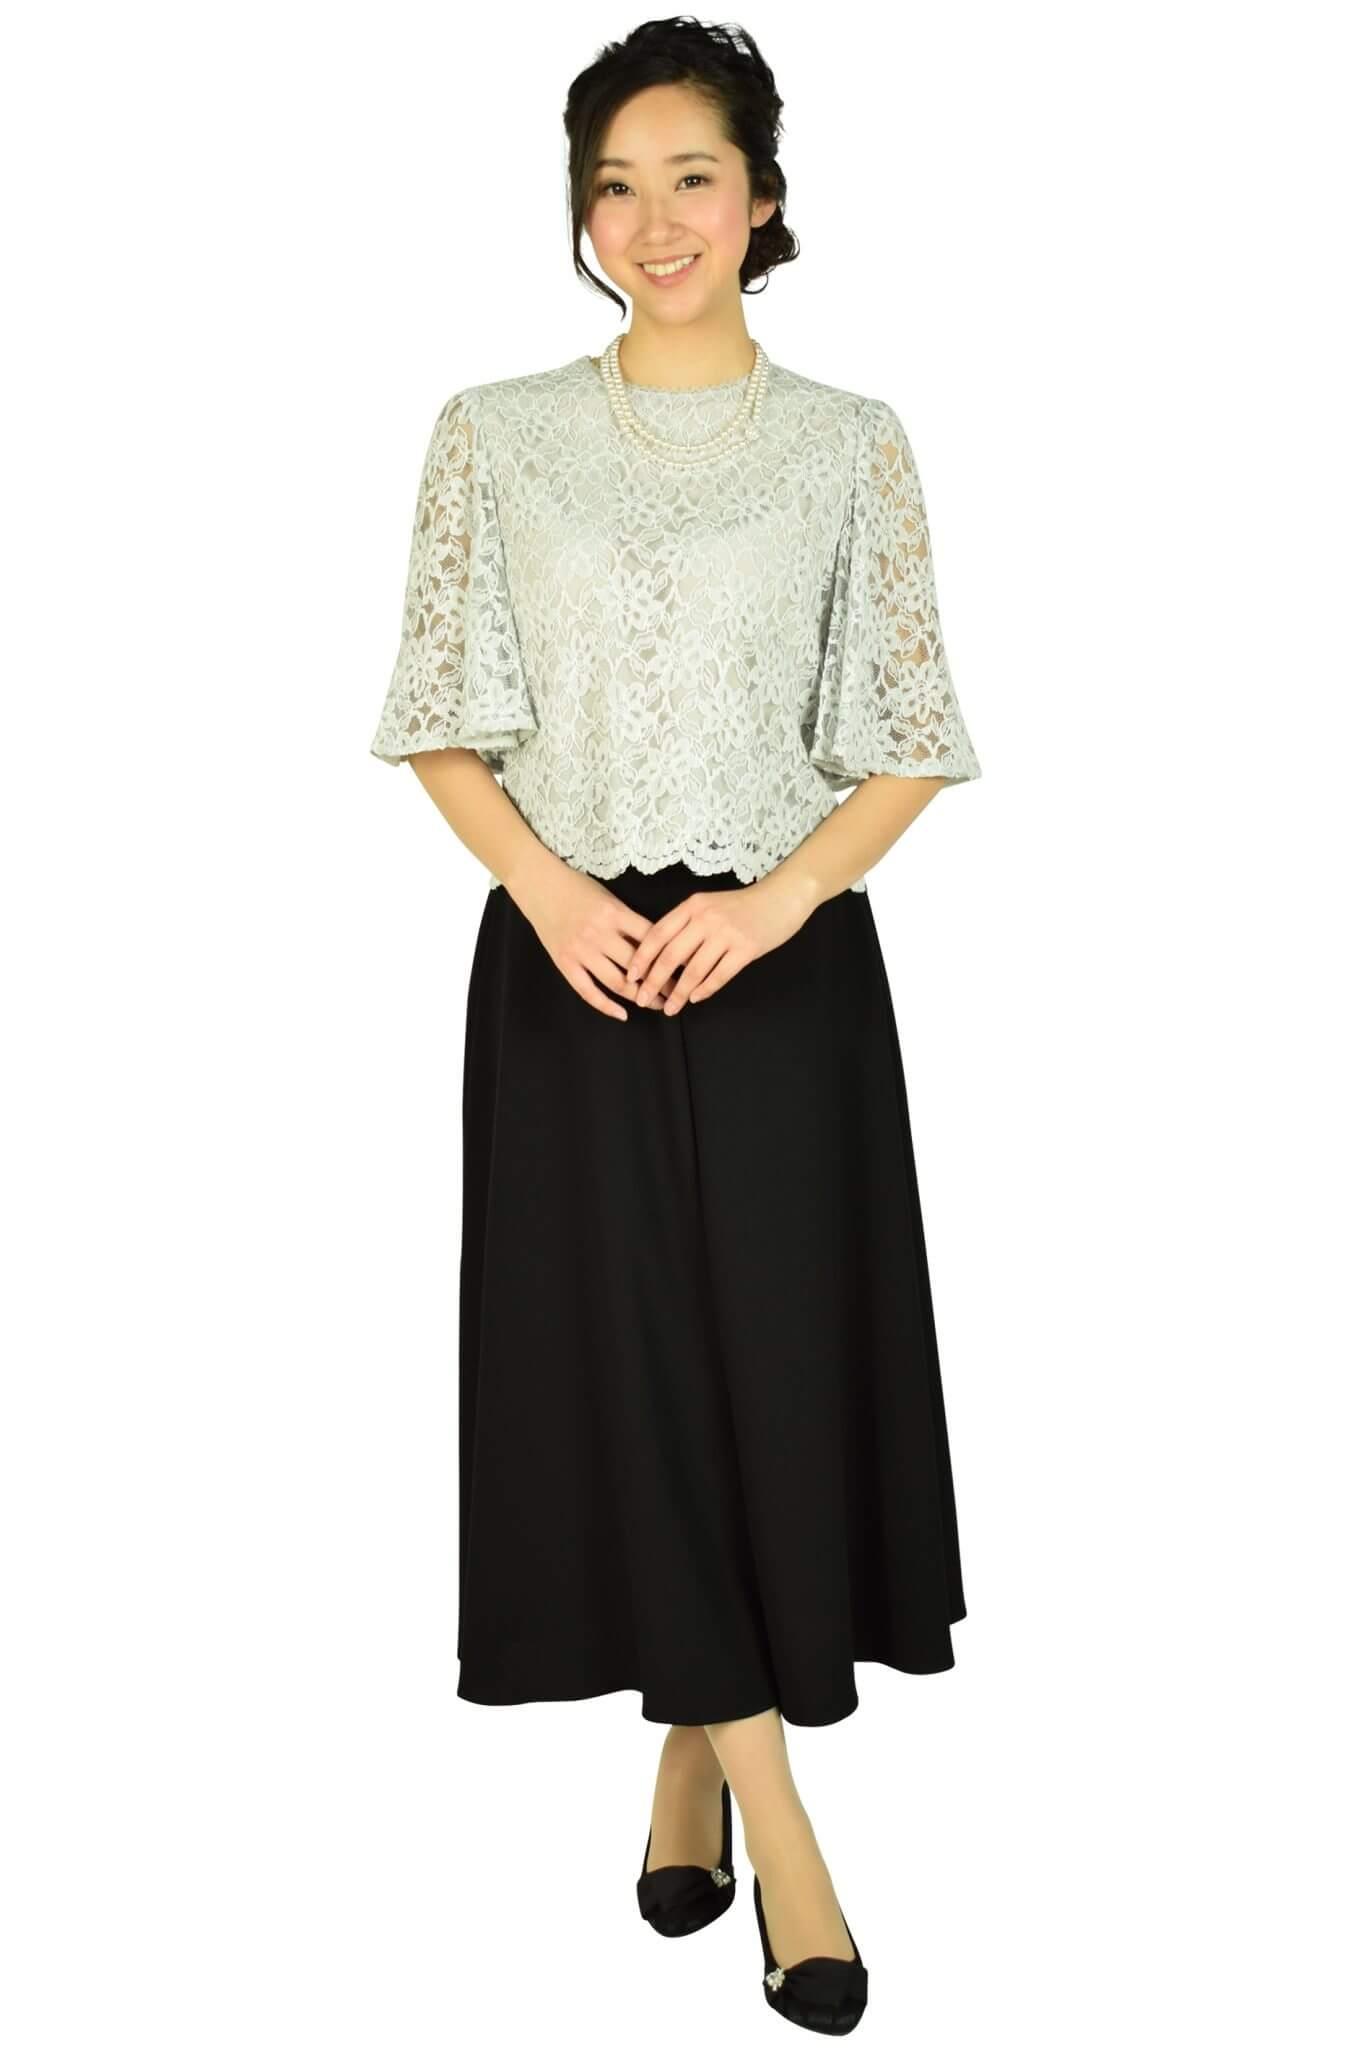 クミキョク (組曲)ライトグレーレース×ブラックワイドパンツドレス